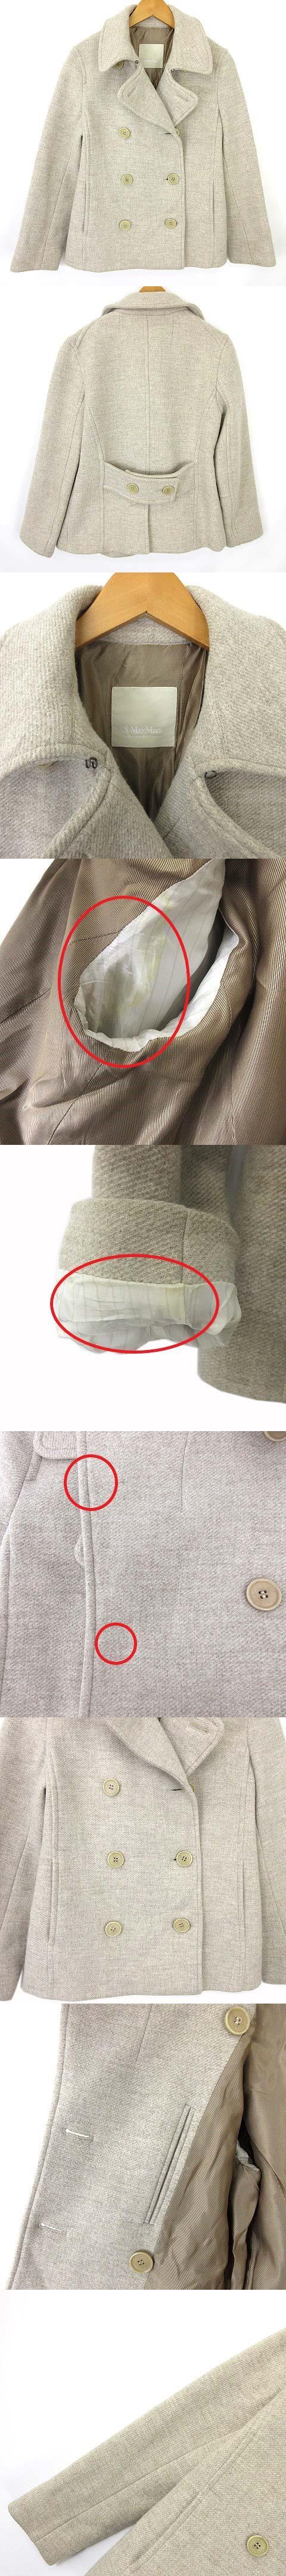 コート ジャケット チェスター ダブル アンゴラ混 ウール ベージュ size 42 IBS17 0410